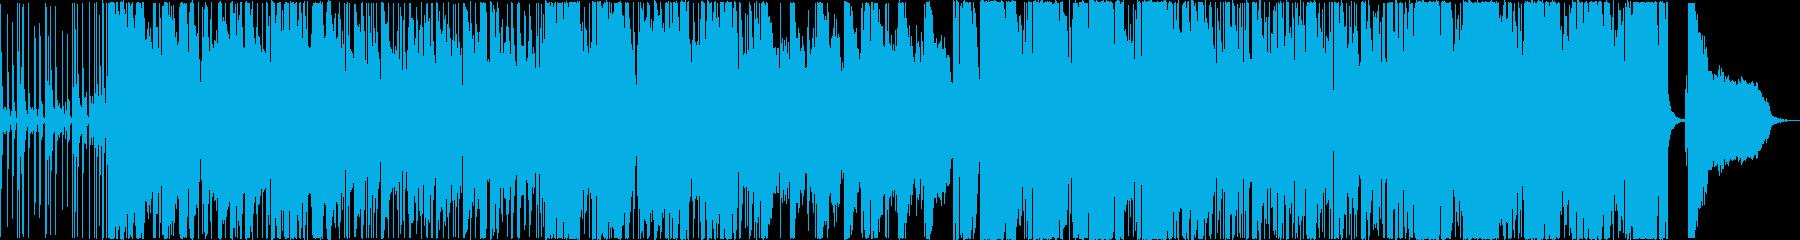 モダンなサウンドのクラシックスタイルの再生済みの波形